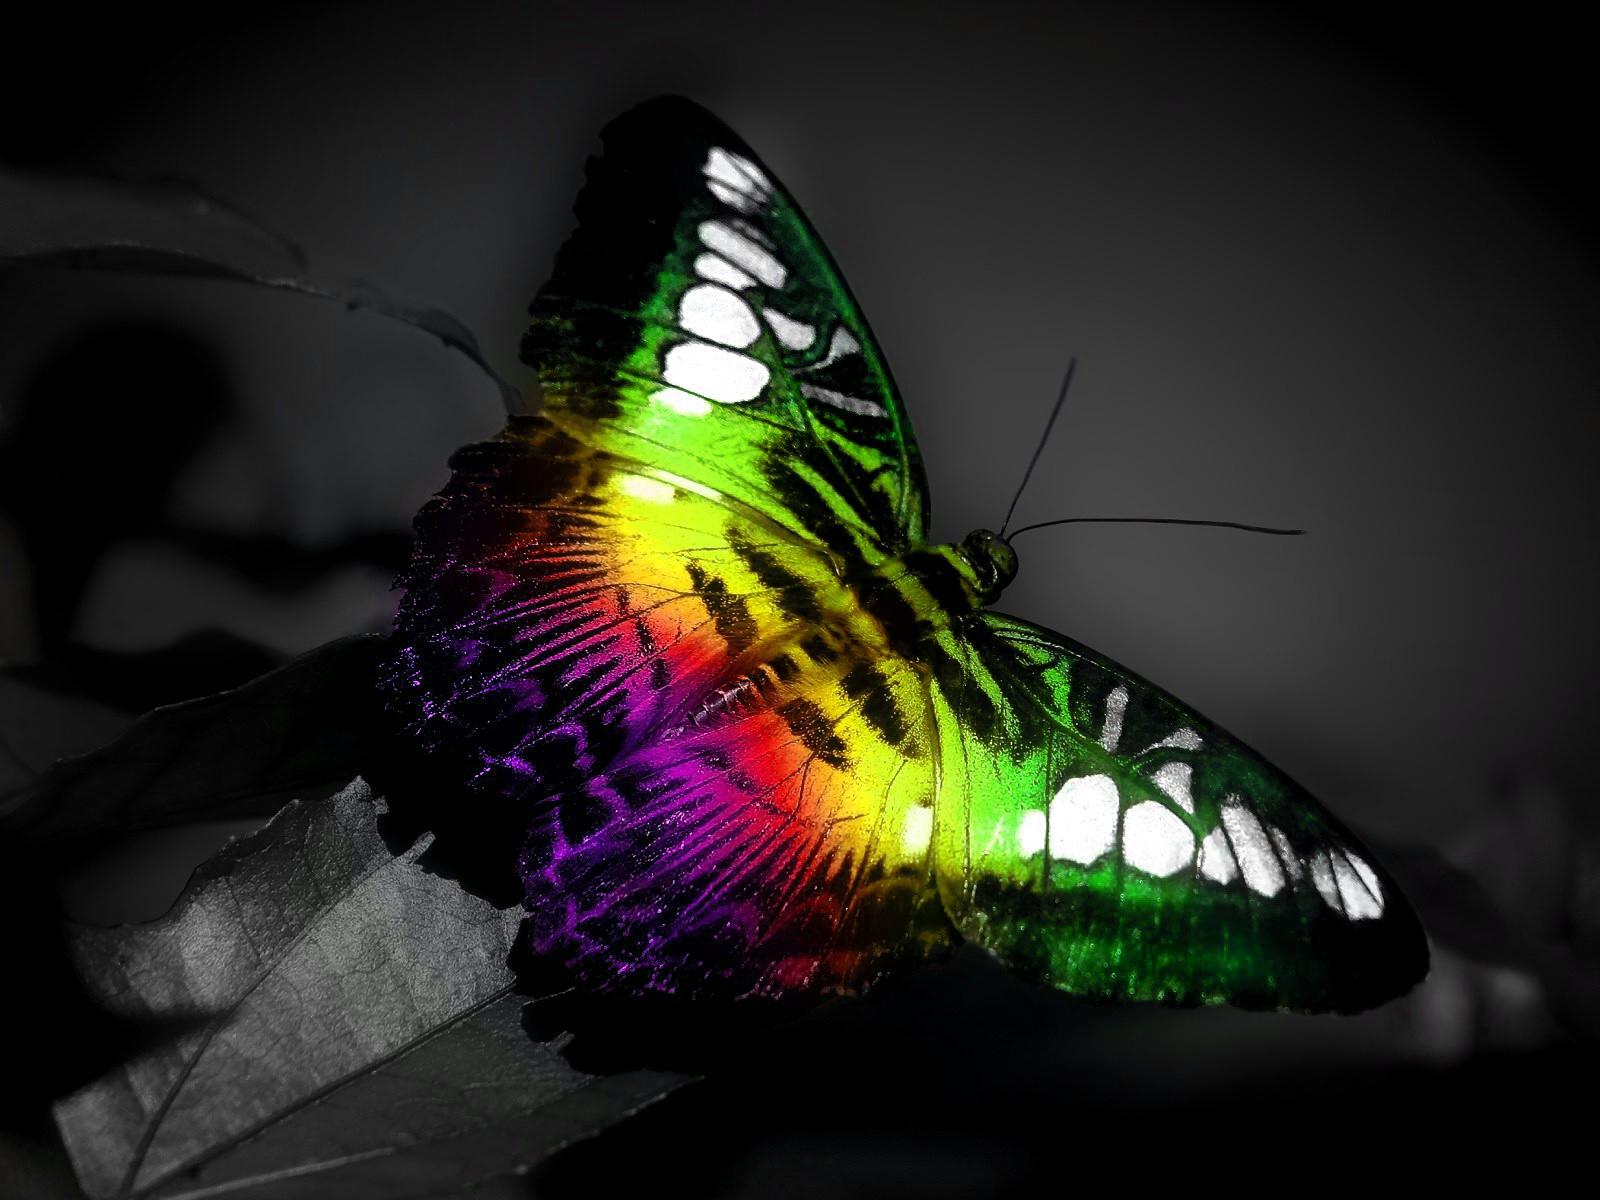 Butterfly Wallpaper Rainbow Butterfly Wallpaper Hd: Rainbow Butterfly Wallpaper And Background Image